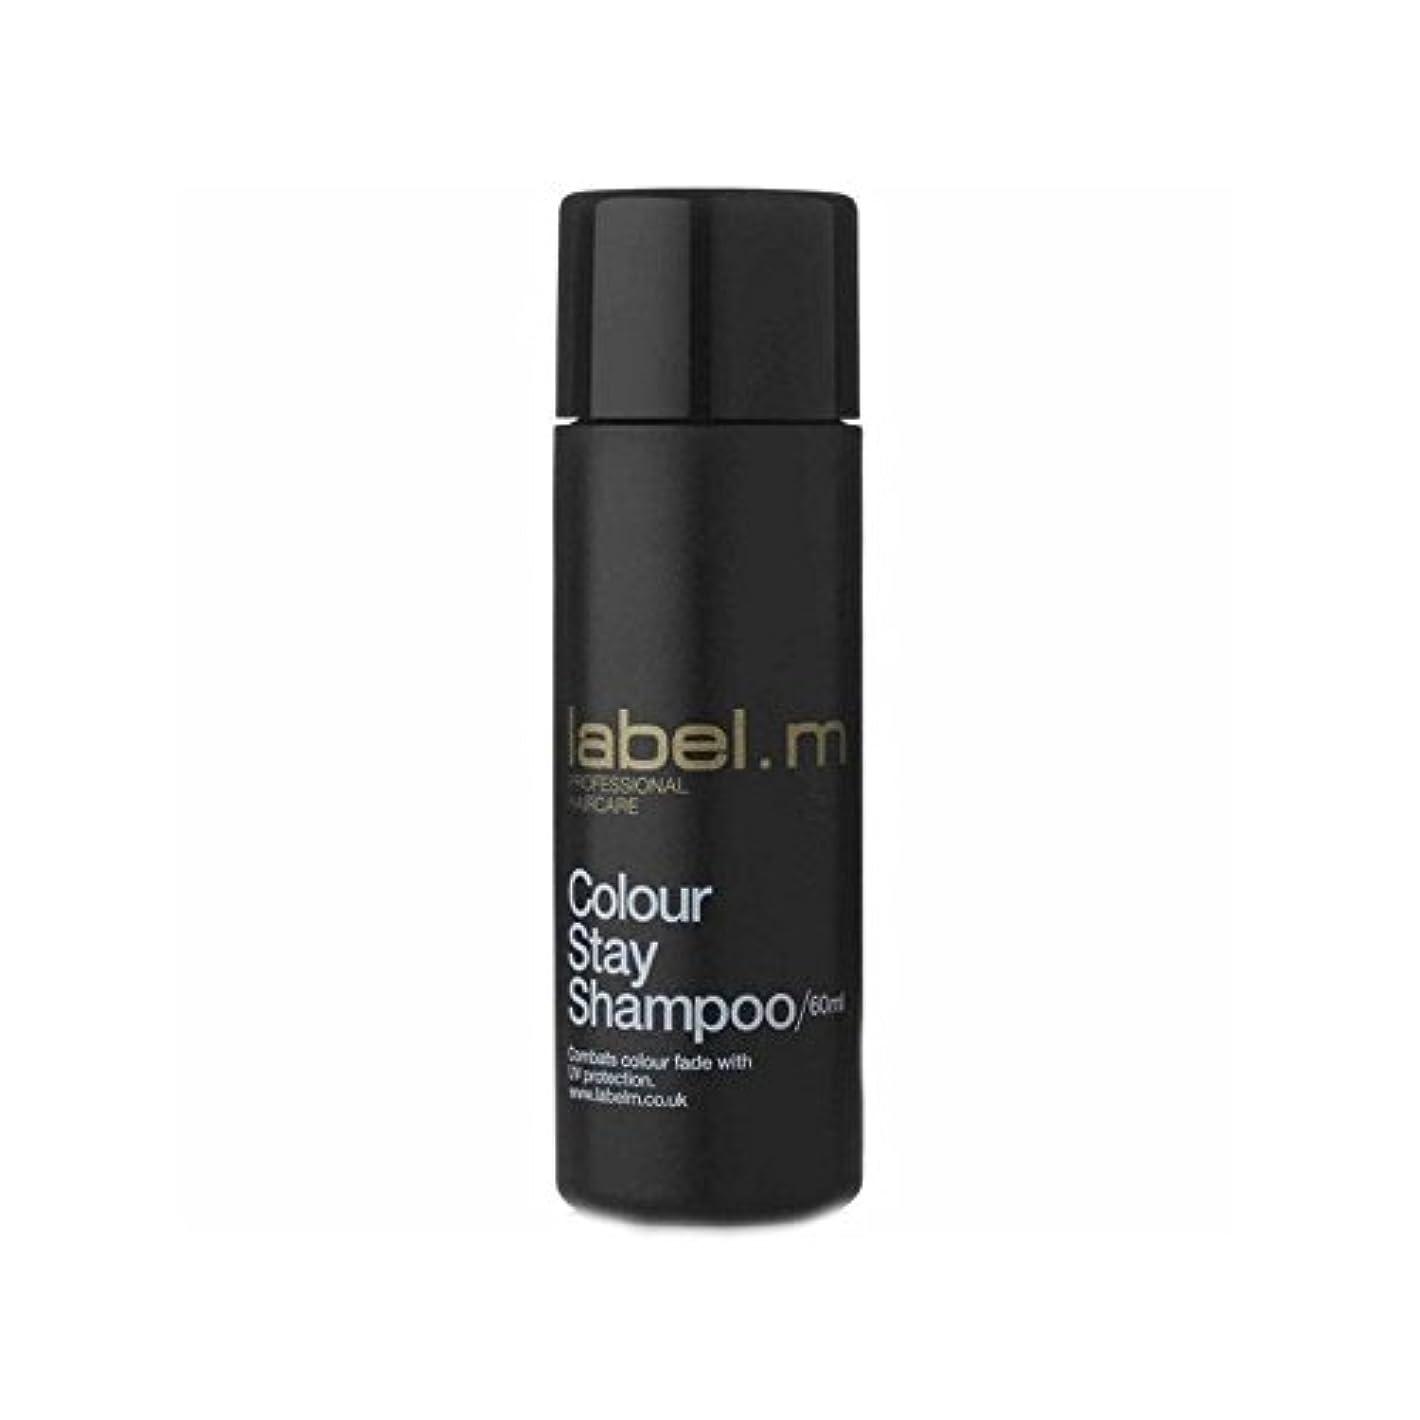 道徳教育手首電化するLabel.M Colour Stay Shampoo Travel Size (60ml) (Pack of 6) - .カラーステイシャンプーの旅行サイズ(60ミリリットル) x6 [並行輸入品]